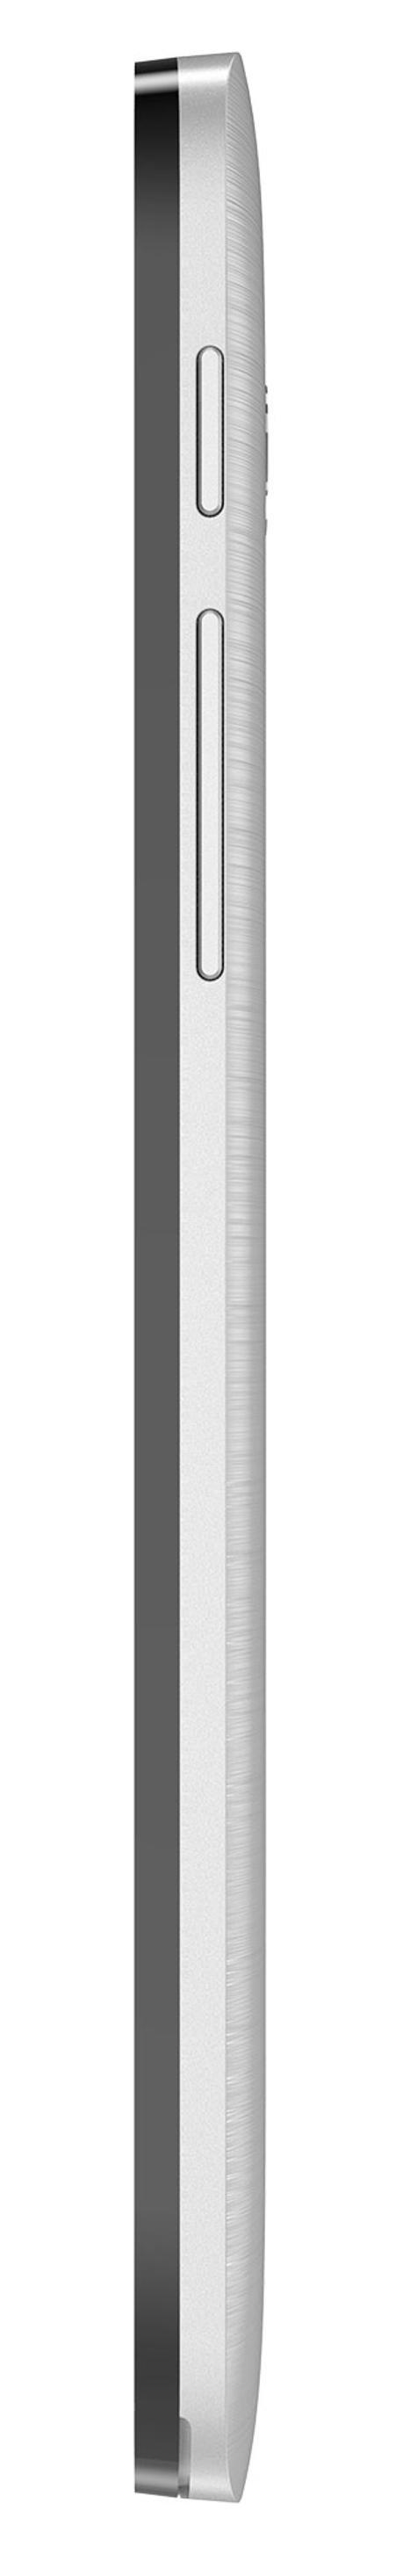 Alcatel POP 4 Plus perfil